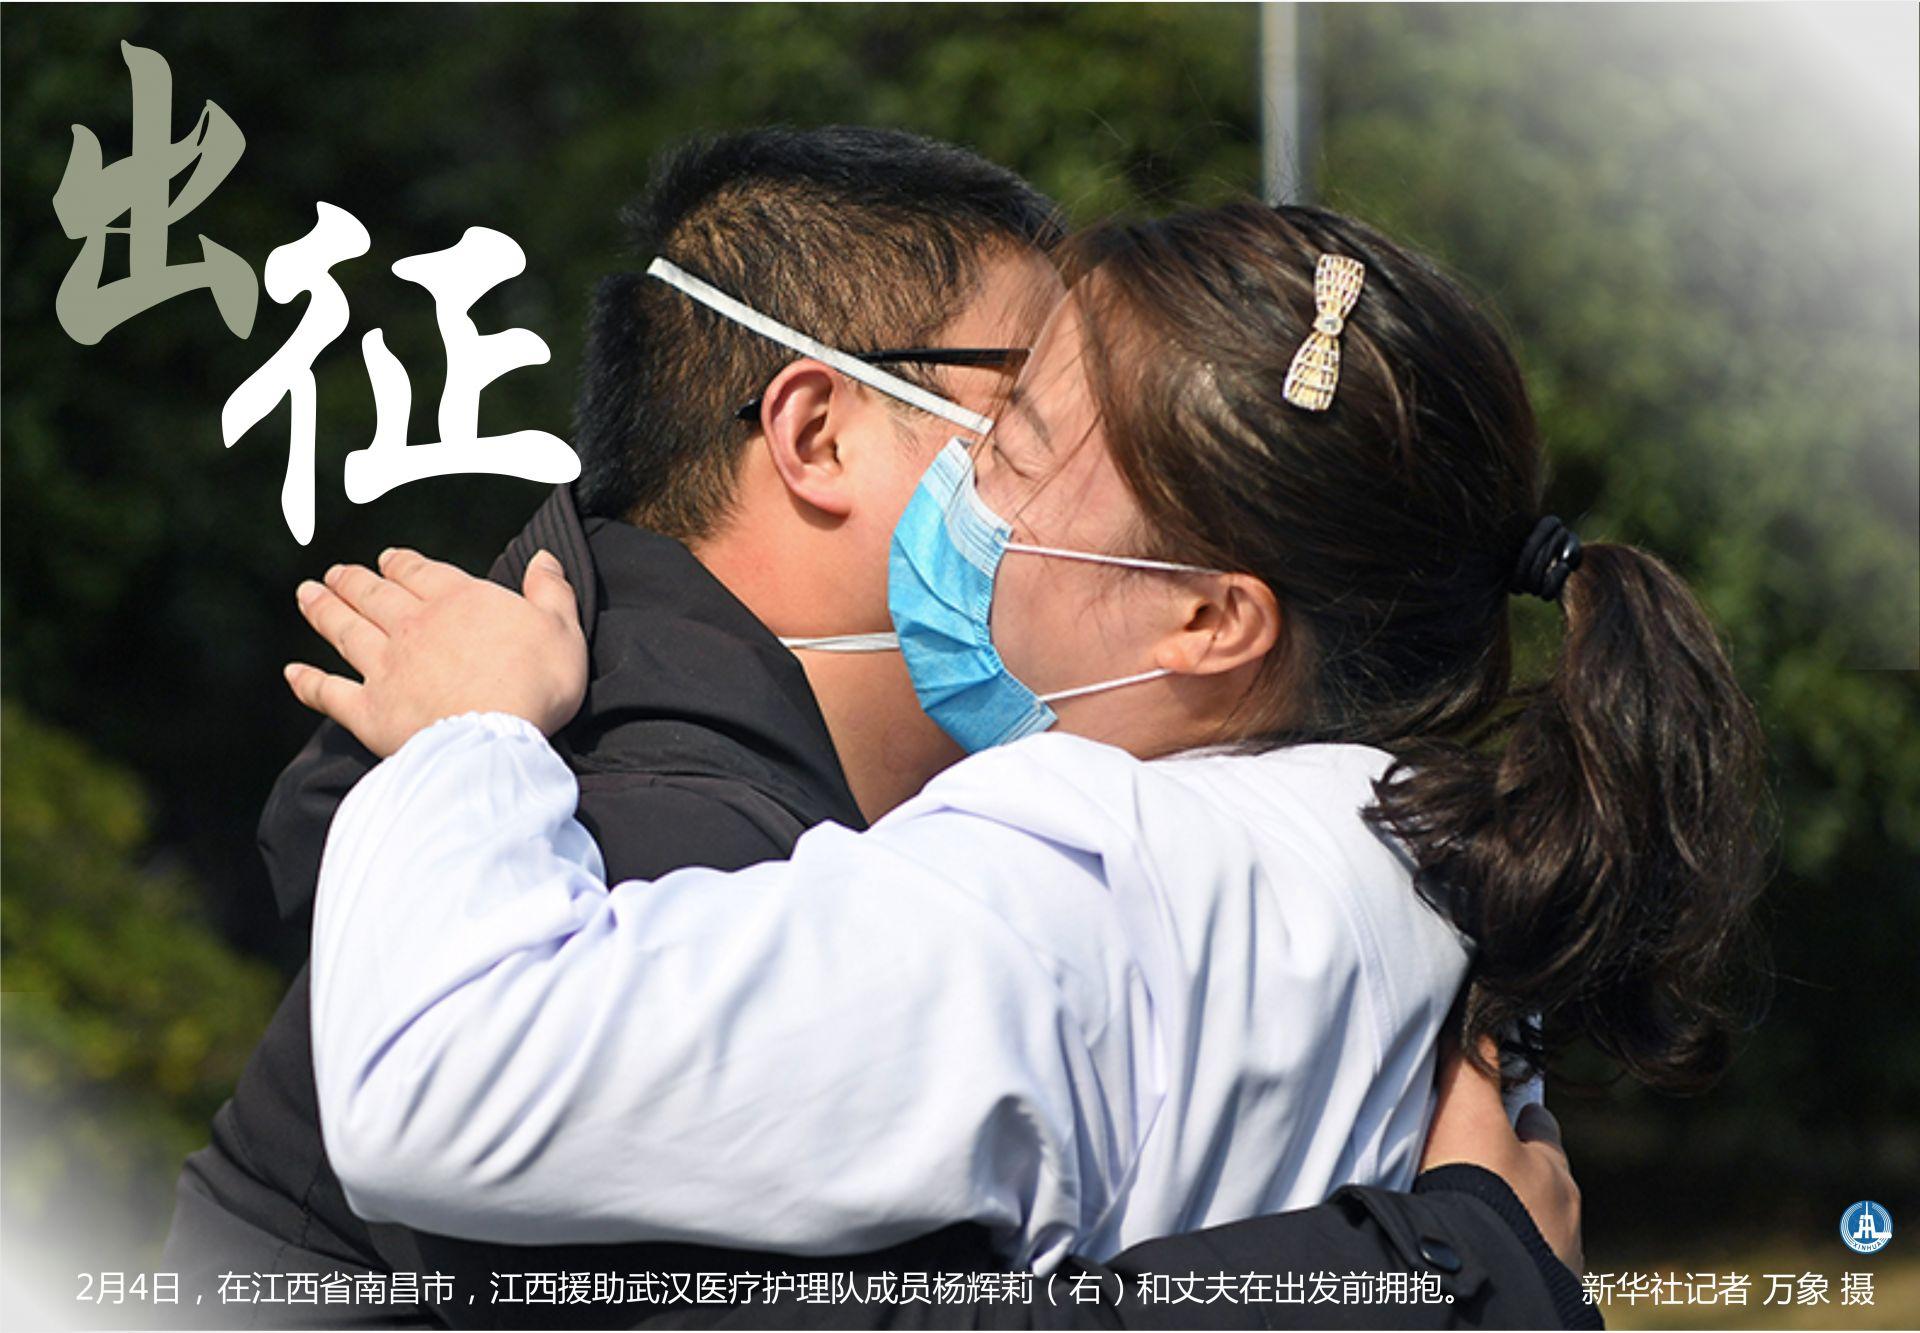 新华社记者 孟丽静 编制